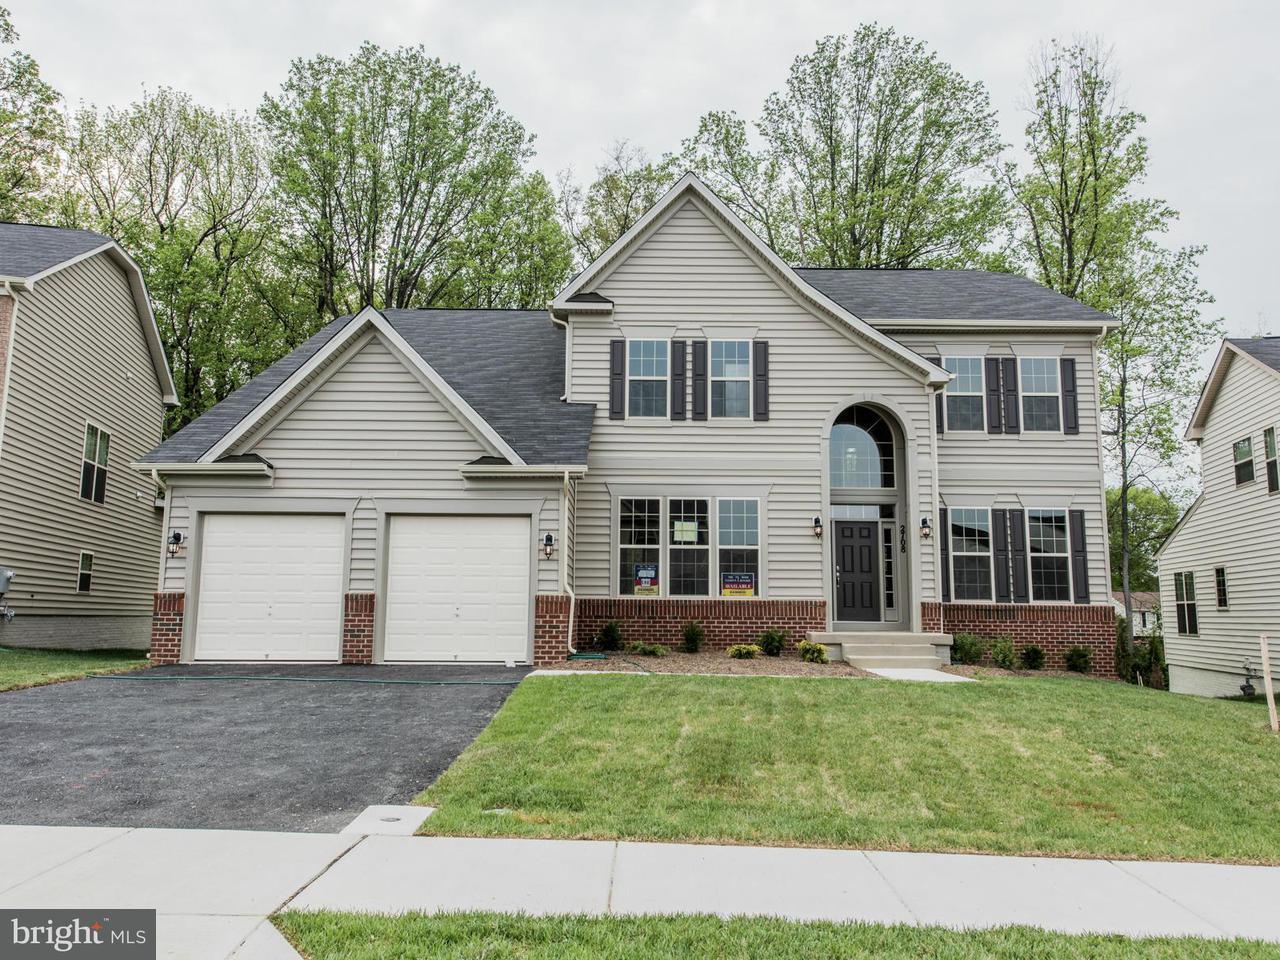 Casa Unifamiliar por un Venta en 2402 ST. NICHOLAS WAY 2402 ST. NICHOLAS WAY Glenarden, Maryland 20706 Estados Unidos